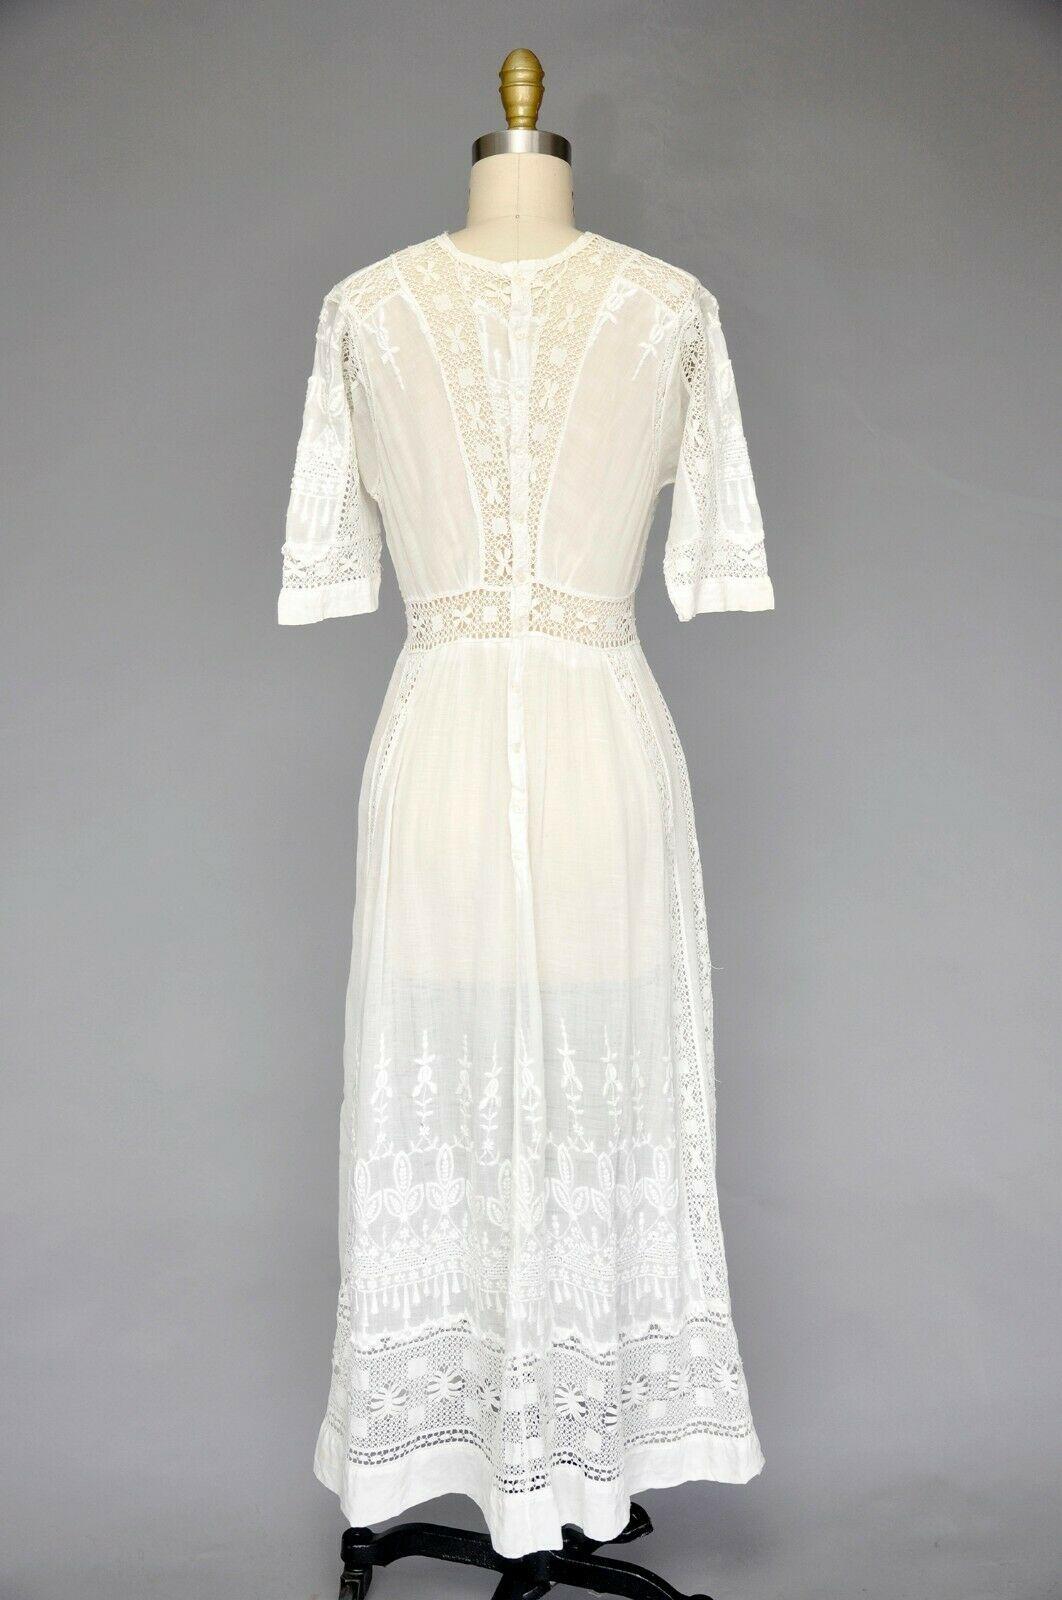 Antique Vintage Edwardian White Tea Lawn Dress Lace Inserts Floral Embroidery S Ebay White Vintage Dress Dresses Lace Dress [ 1600 x 1062 Pixel ]